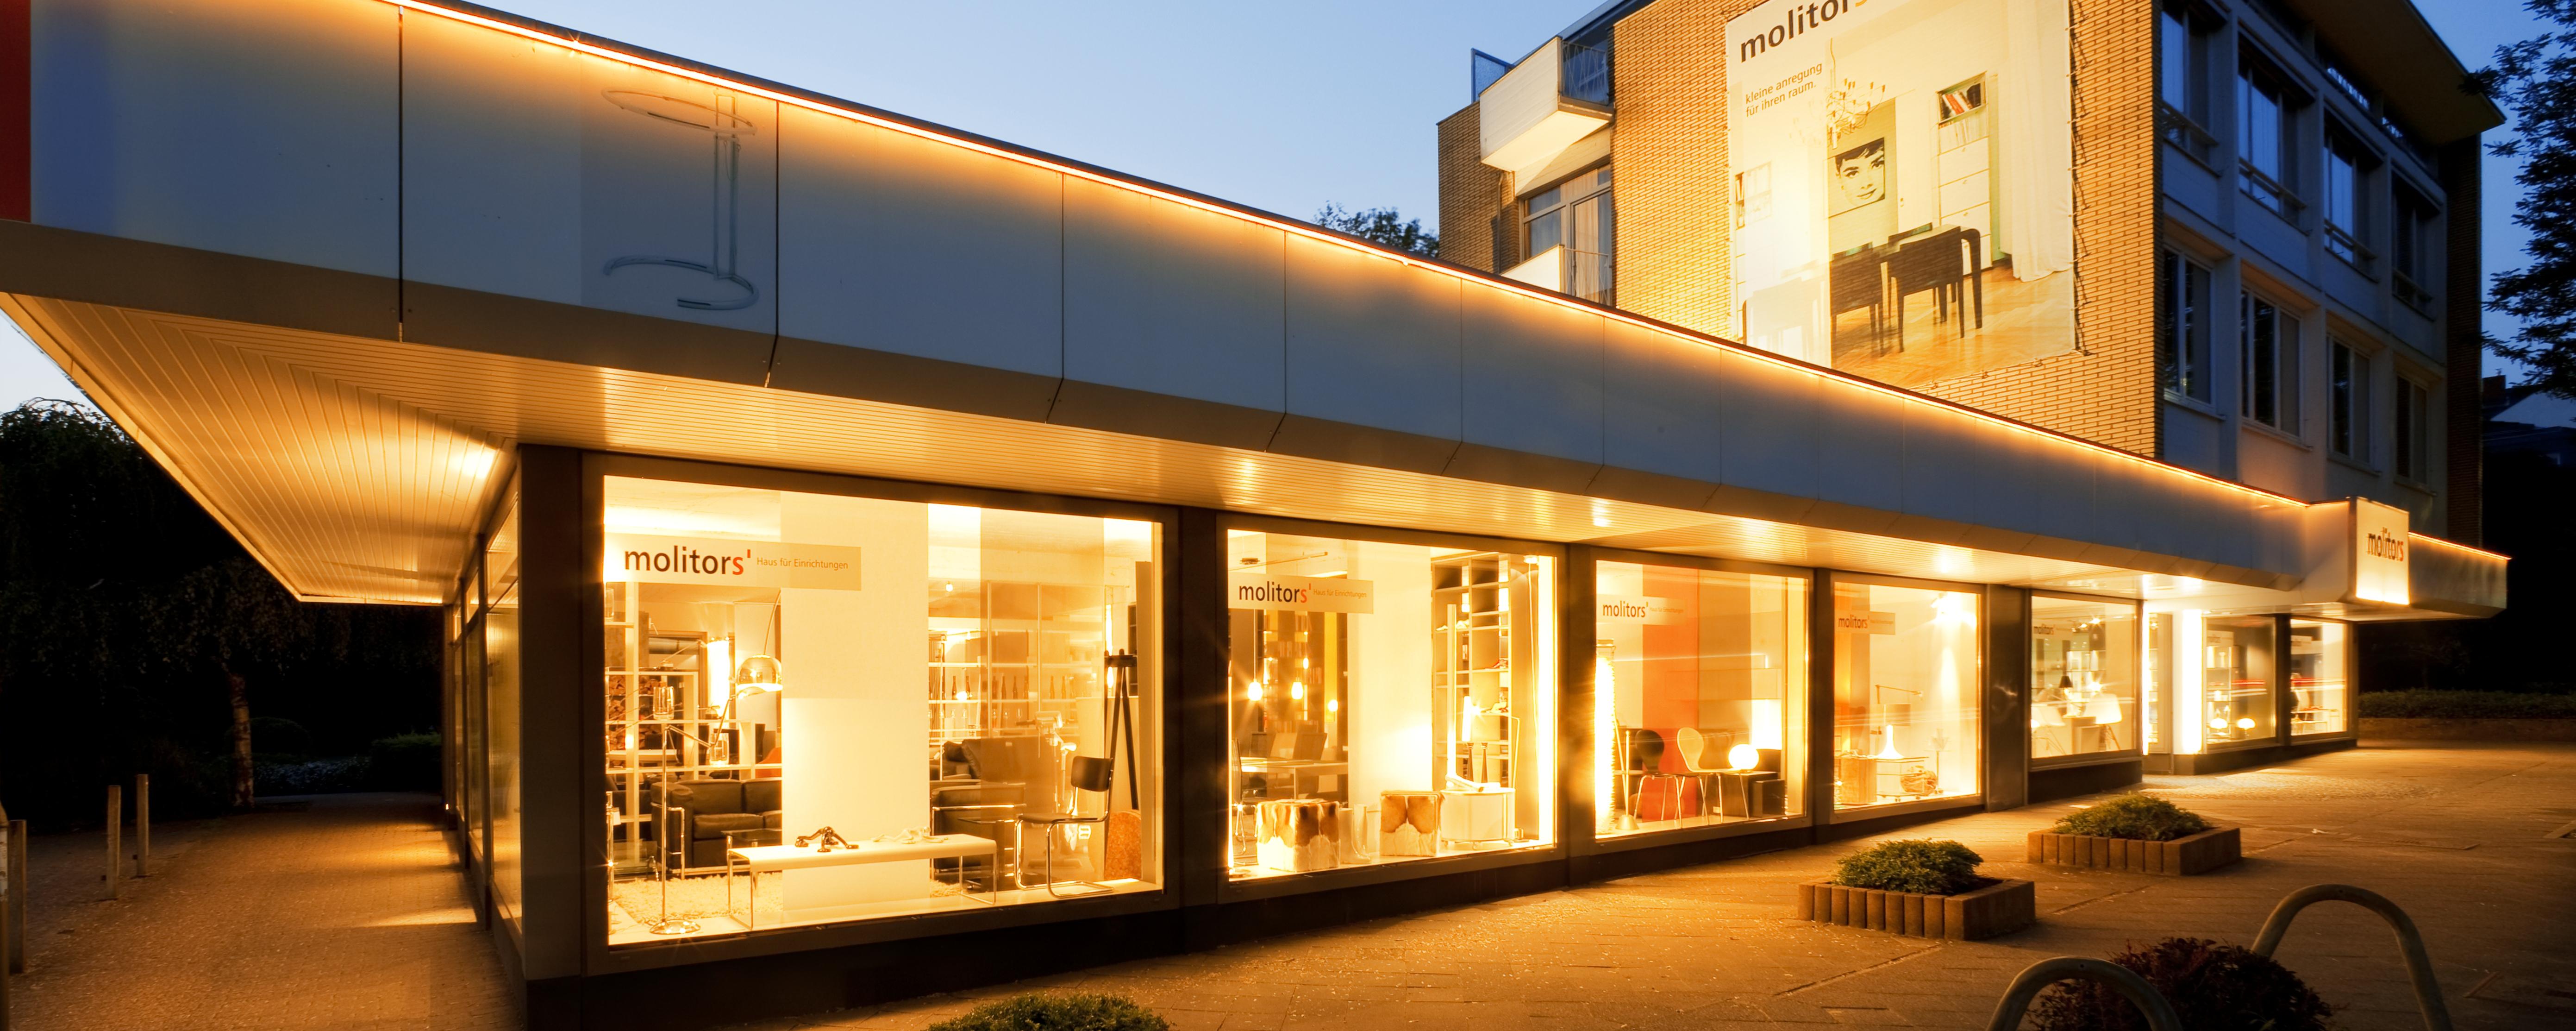 Designmöbel Leuchten Klassiker Molitors Haus Für Einrichtungen